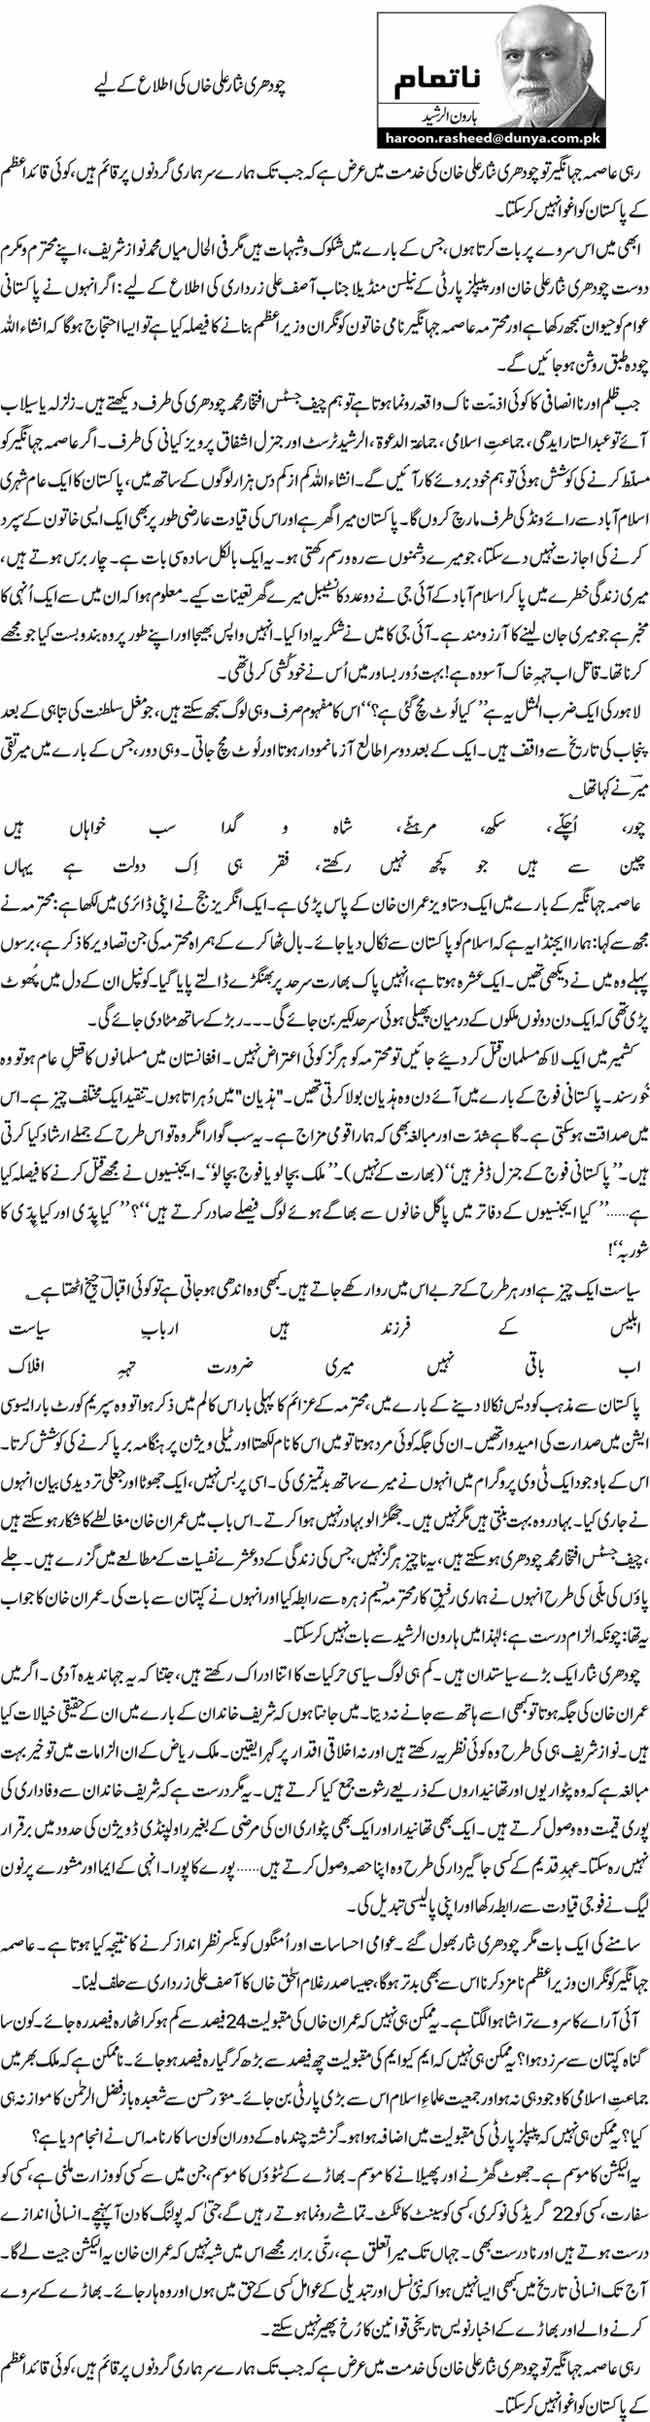 چودھری نثار علی خاں کی اطلاع کے لیے